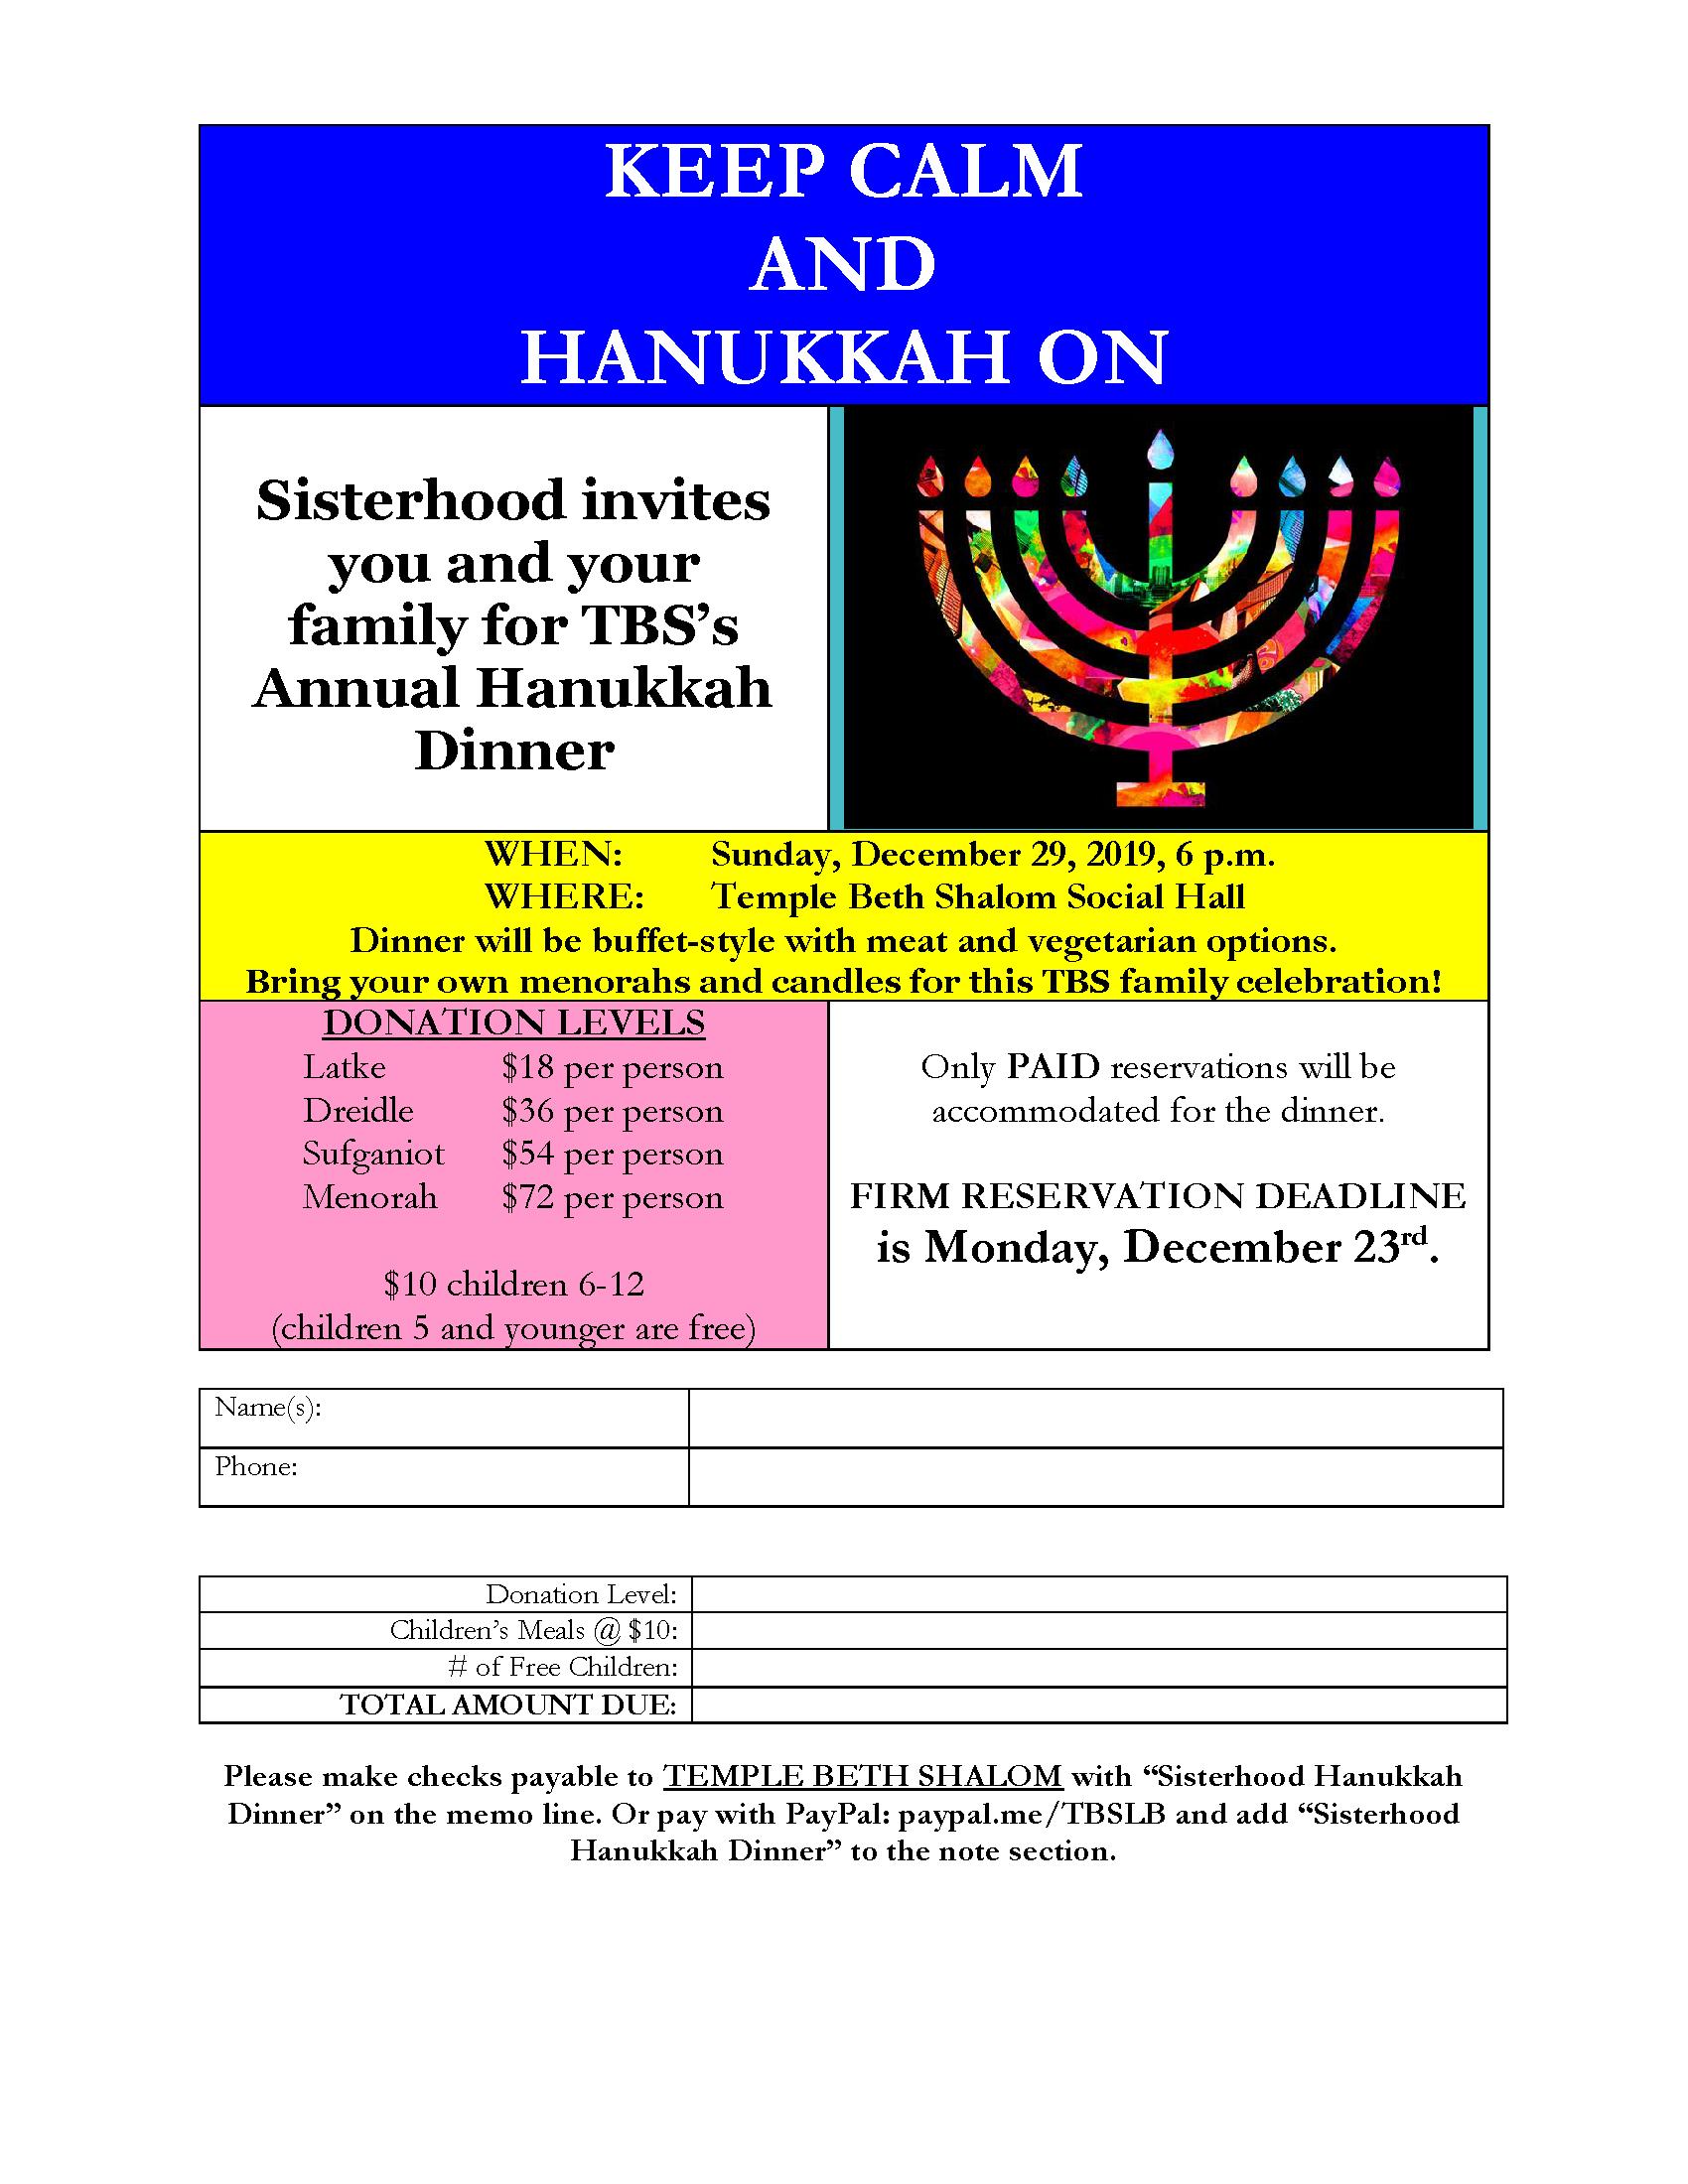 TBS Annual Hanukkah Dinner